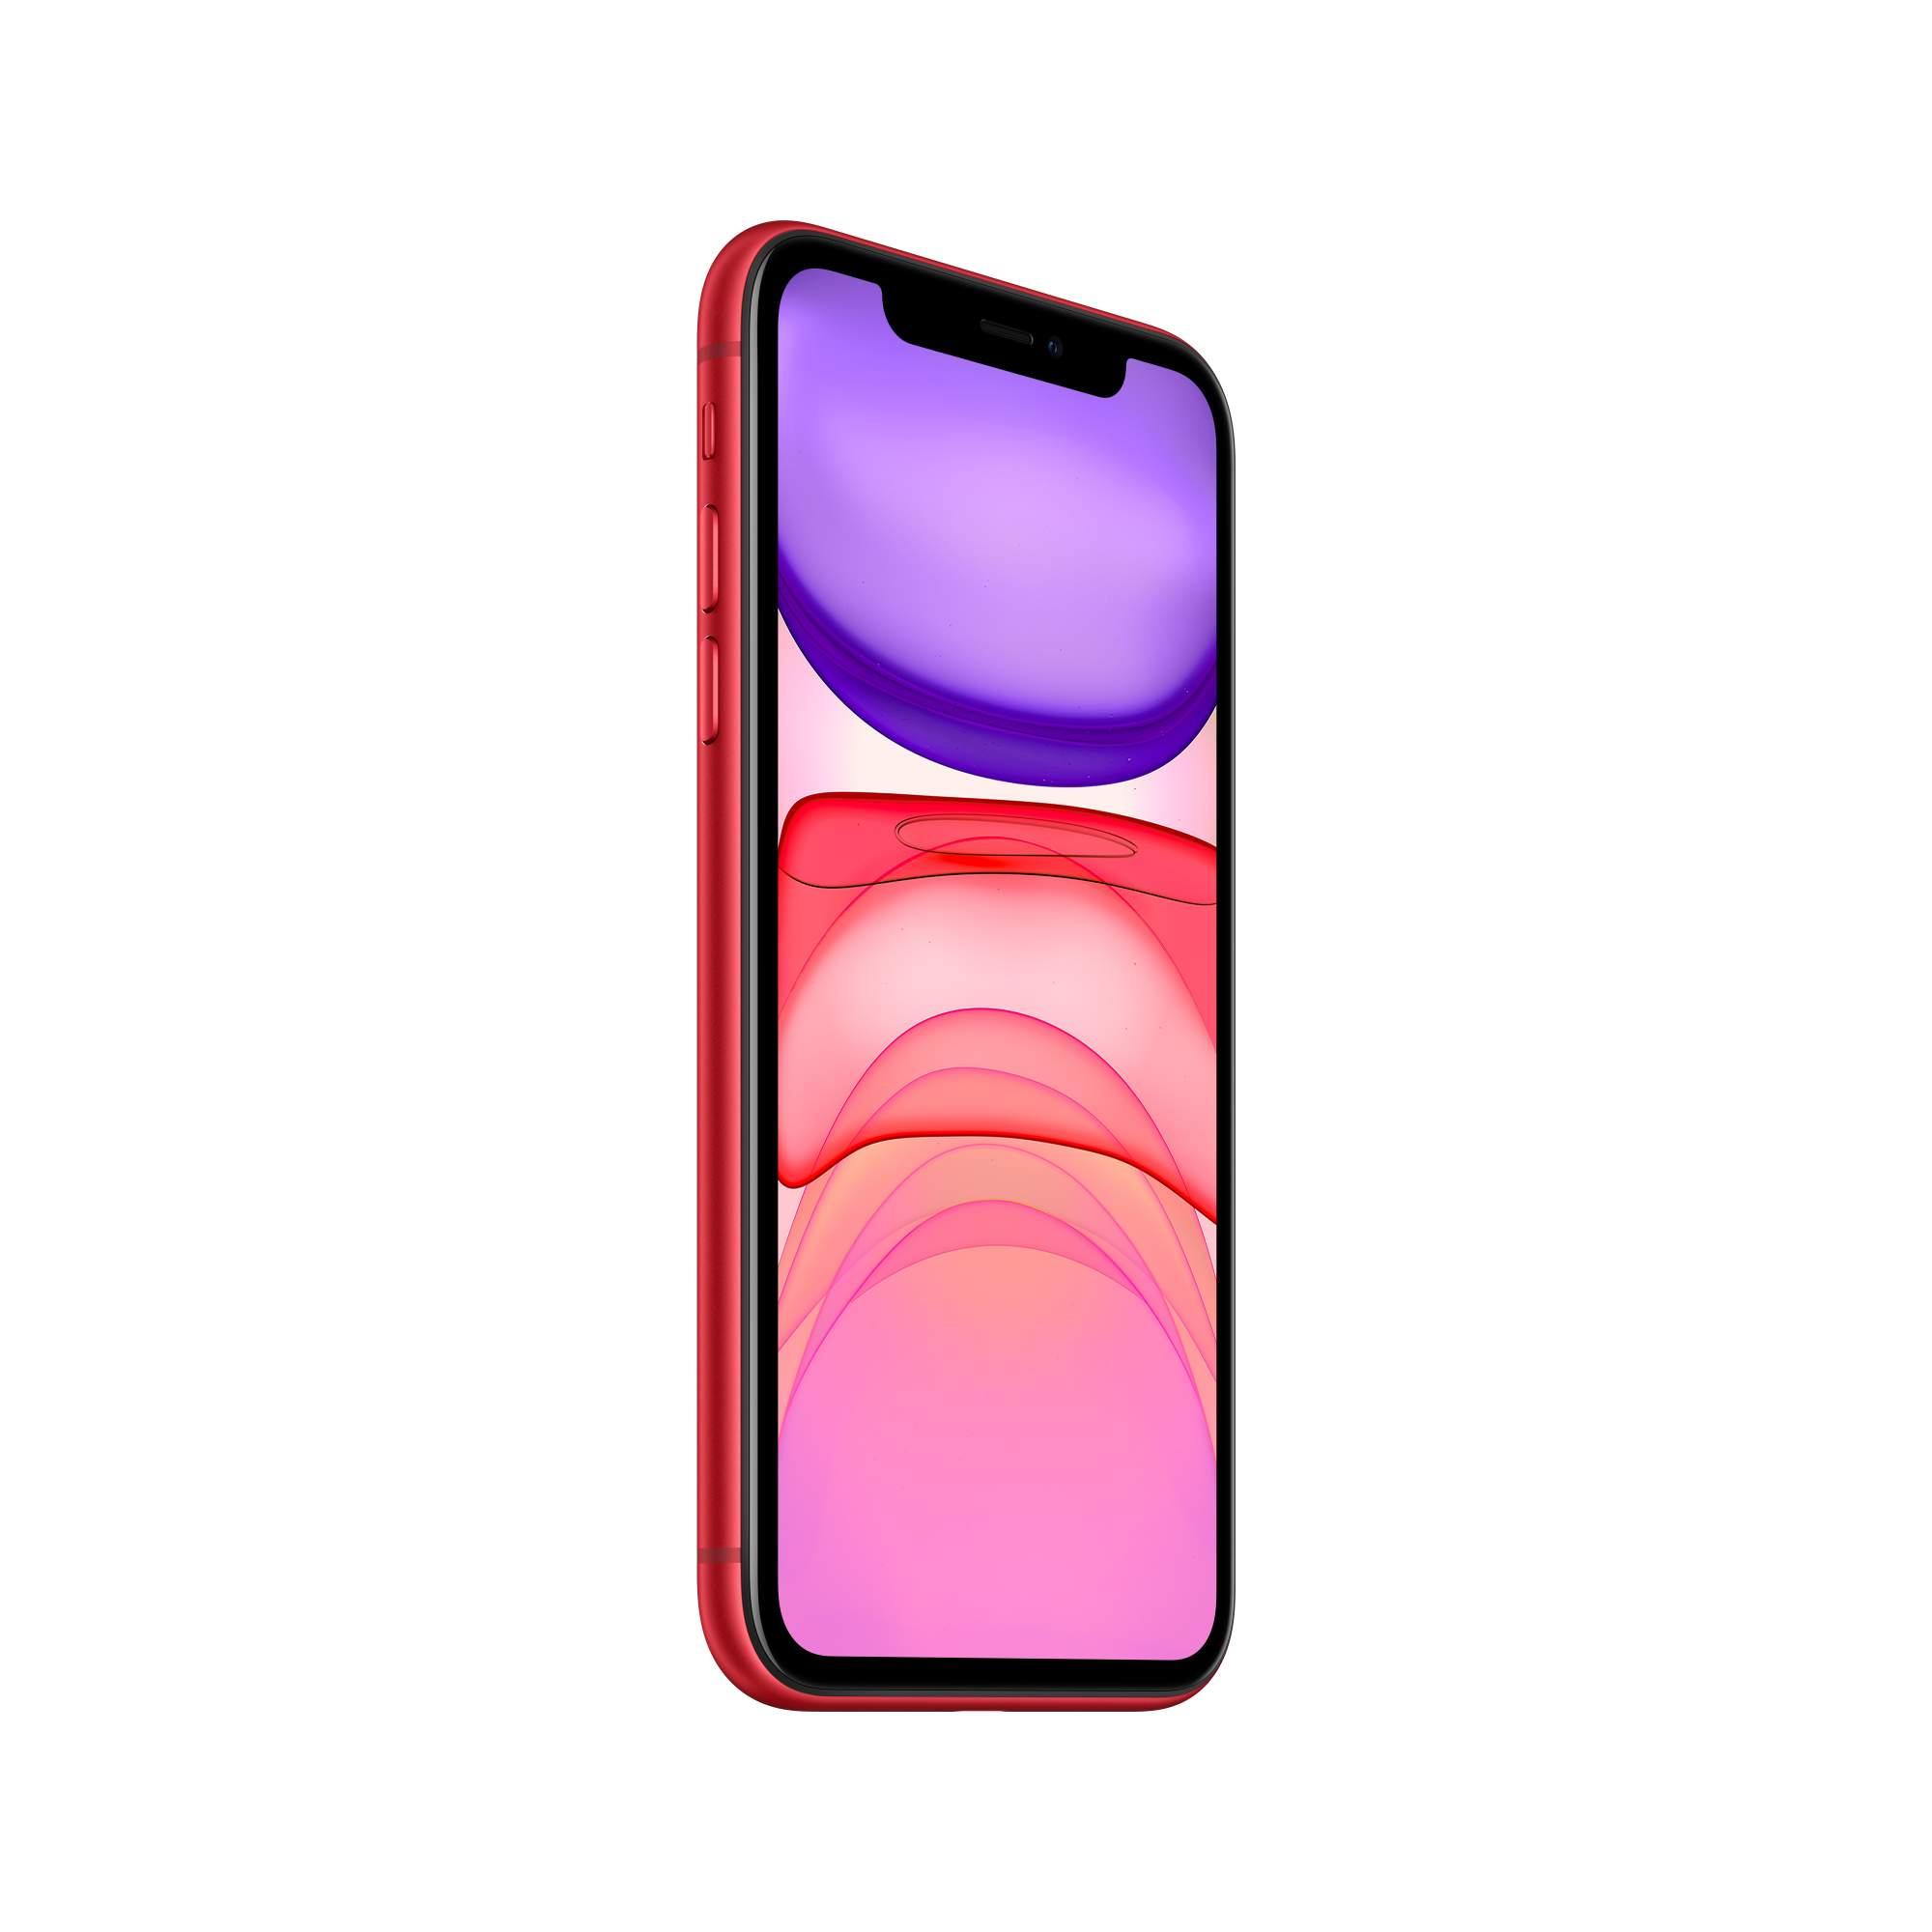 Смартфон Apple iPhone 11 128GB (PRODUCT)RED (MWM32RU/A)